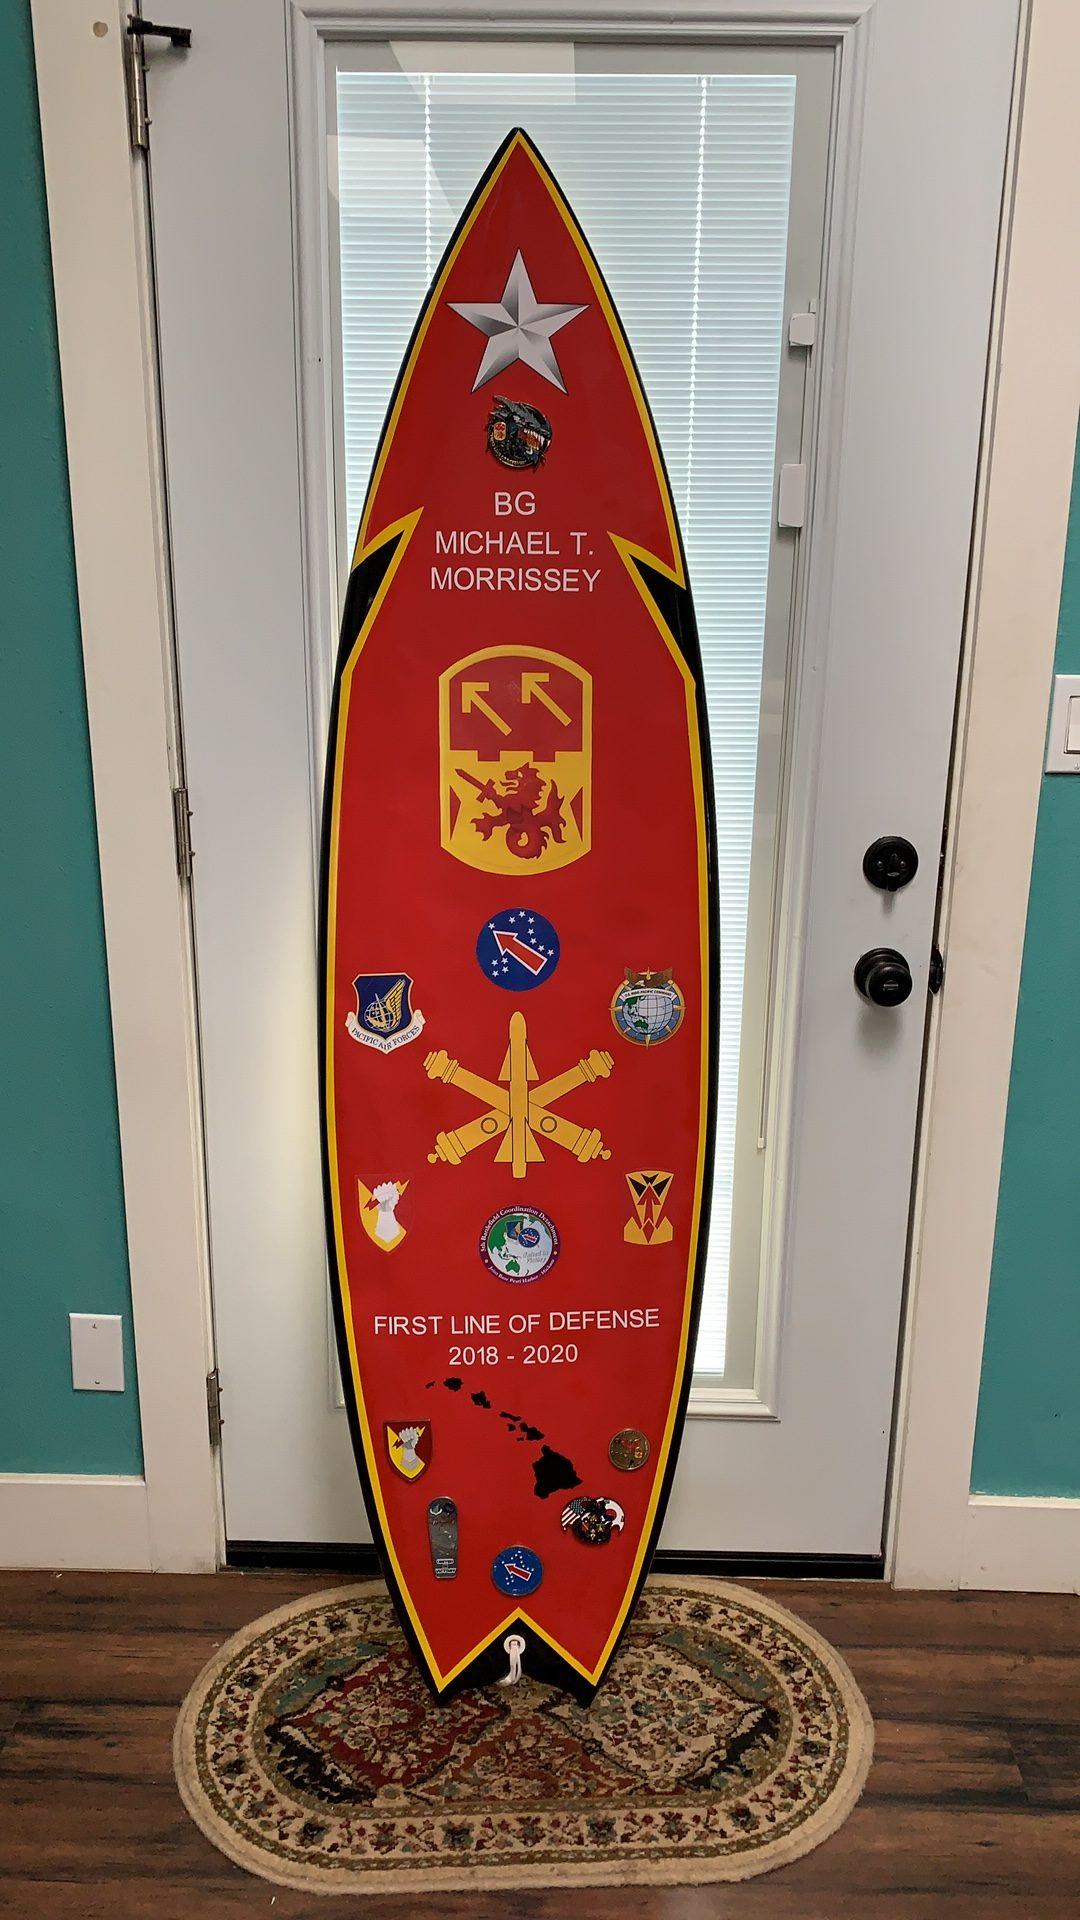 BG Morrissey's board